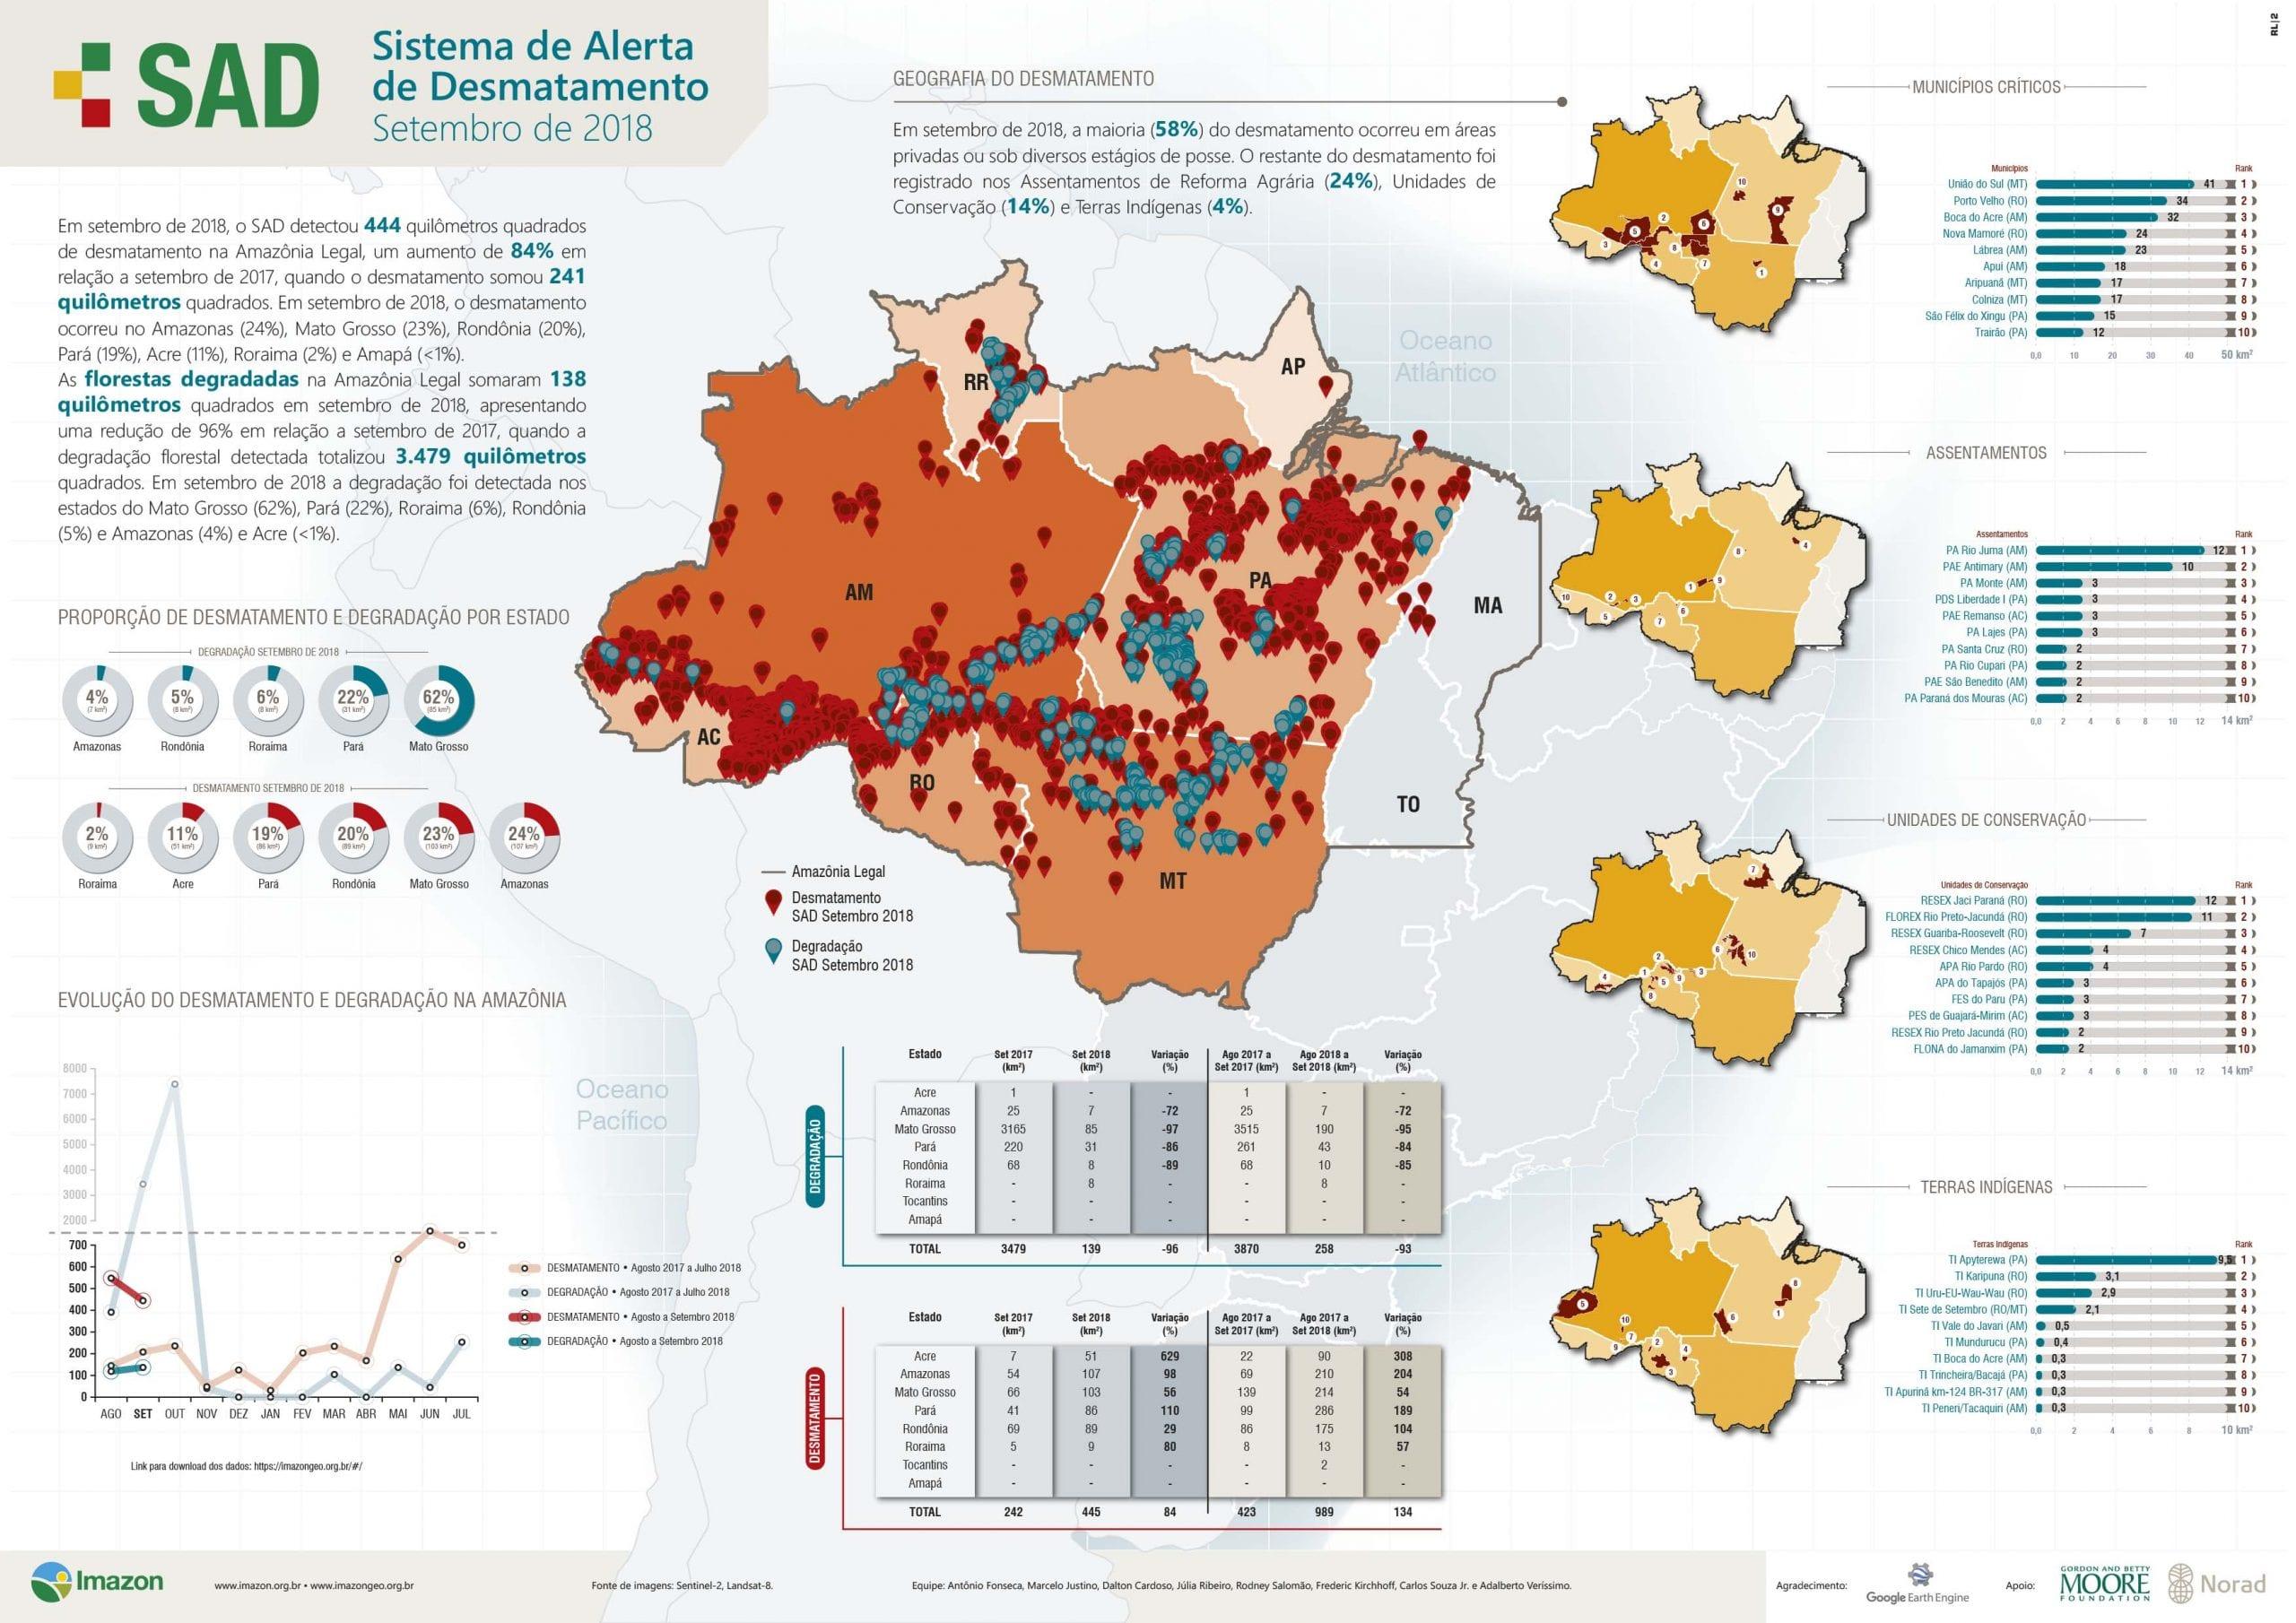 SAD setembro 2018 2 - Boletim do desmatamento da Amazônia Legal (setembro 2018) SAD